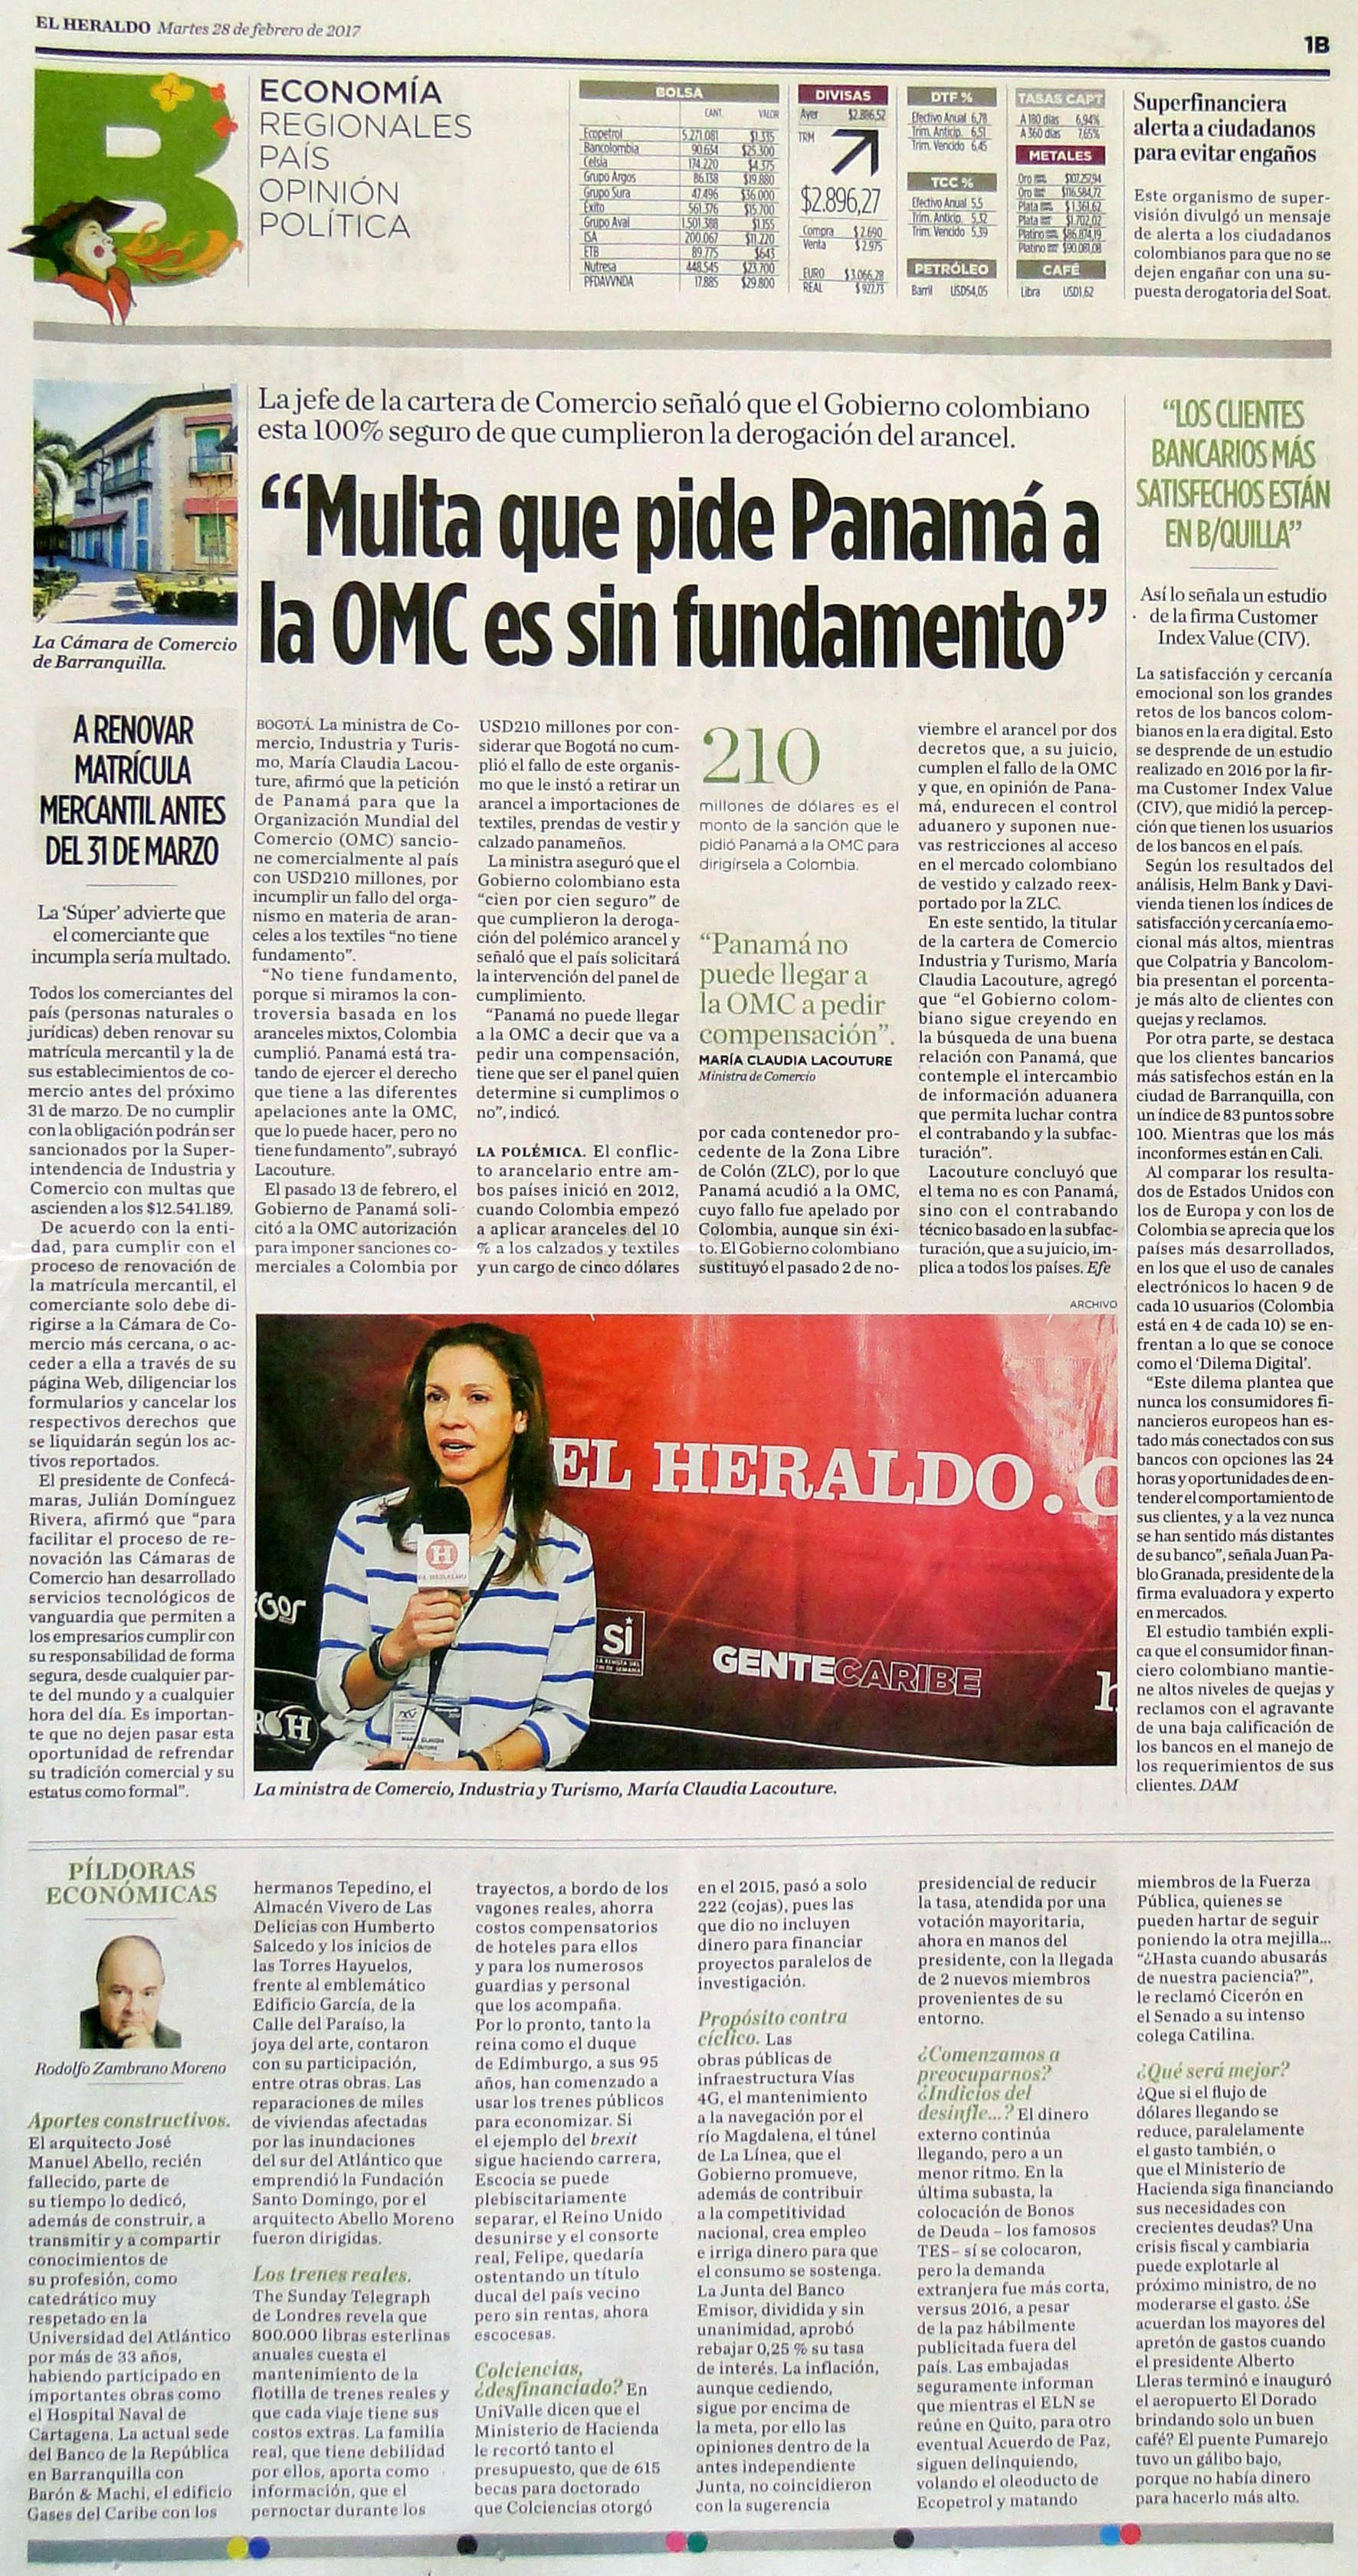 Los clientes bancarios más satisfechos están en Barranquilla